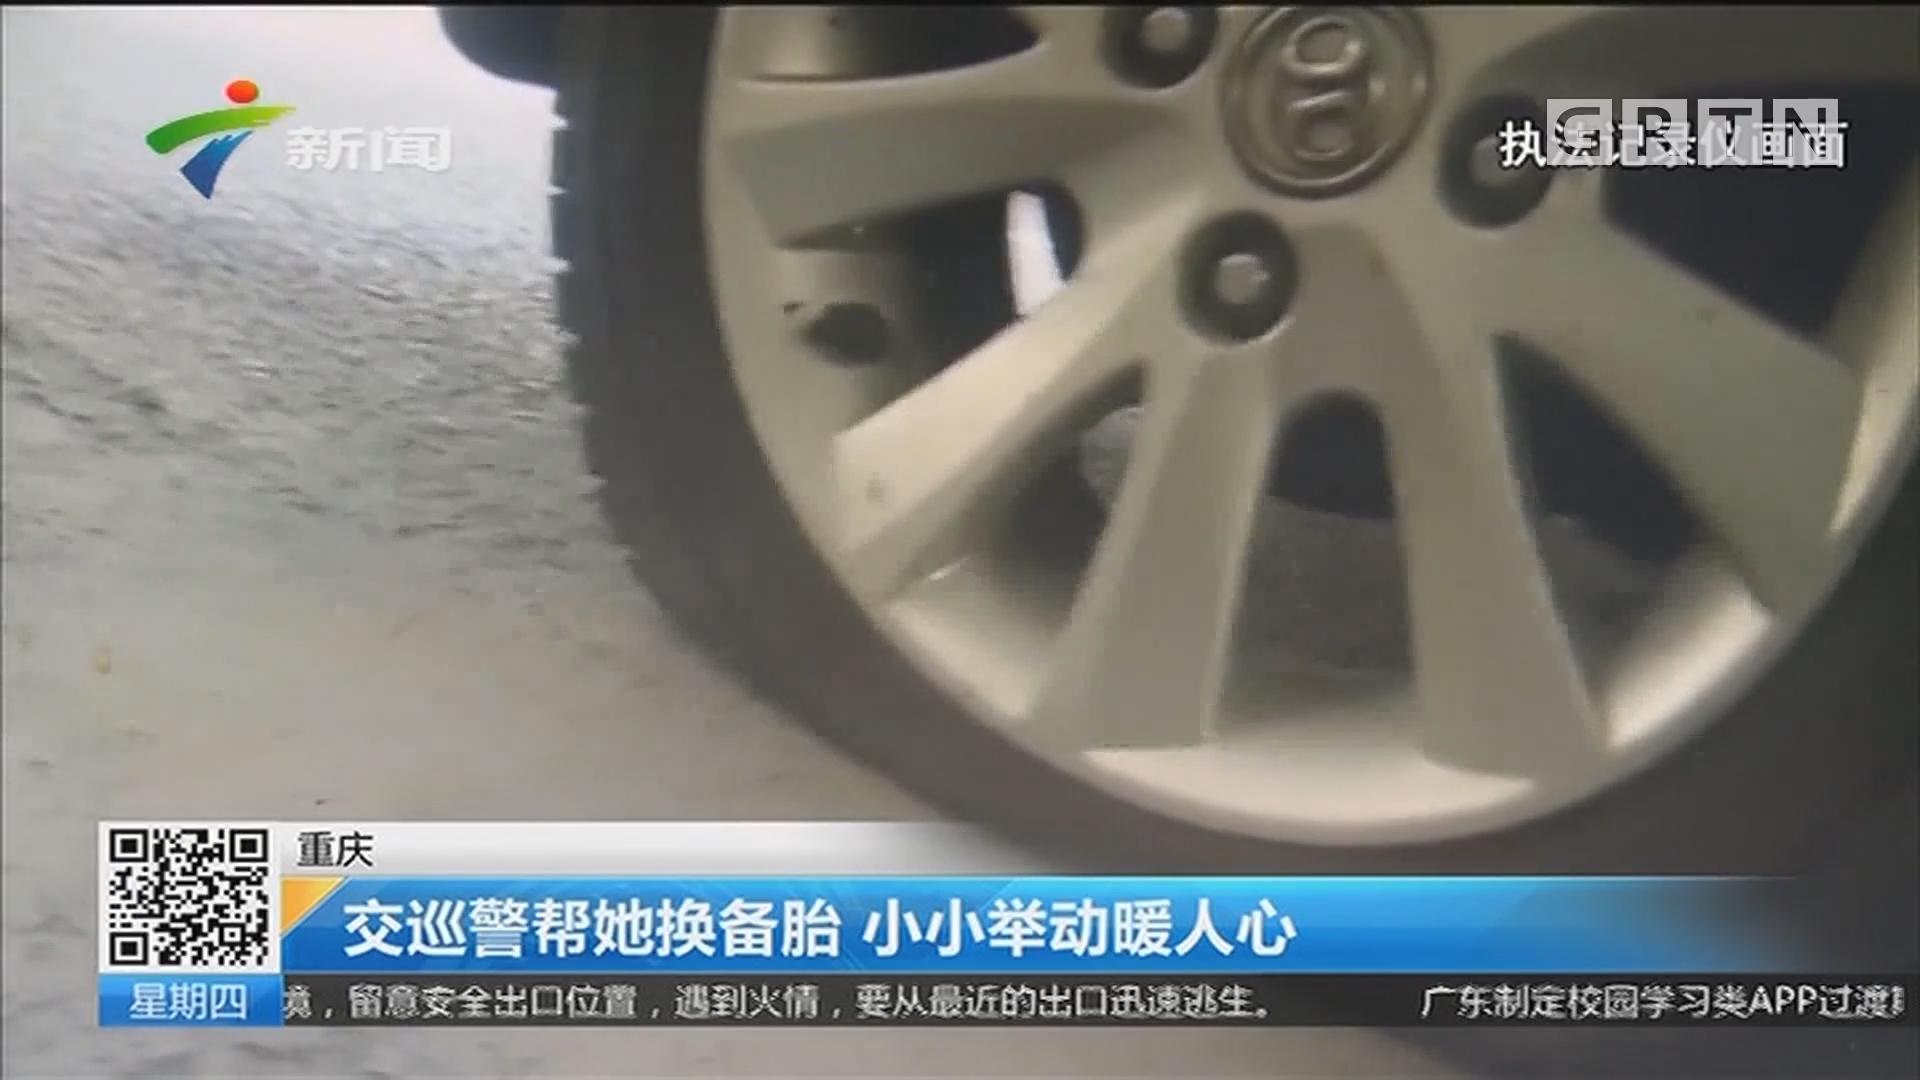 重庆:交巡警帮她换备胎 小小举动暖人心